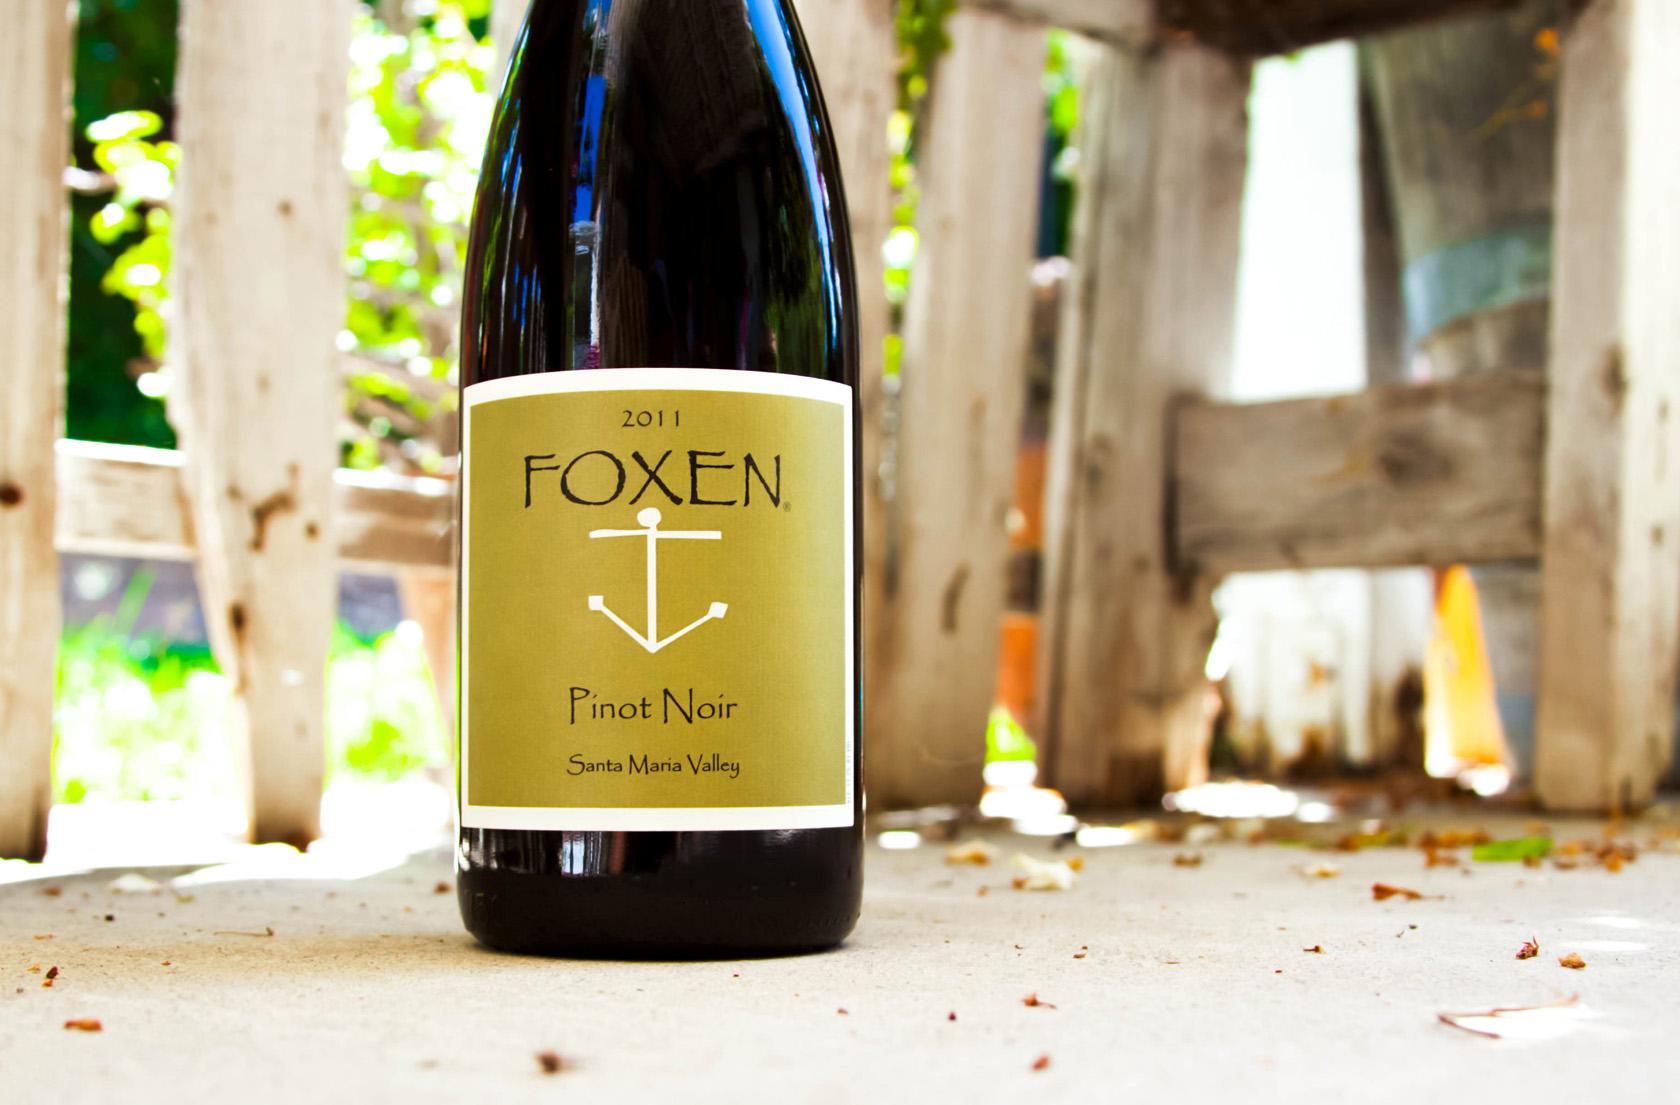 2011 Foxen Santa Maria Valley Pinot Noir